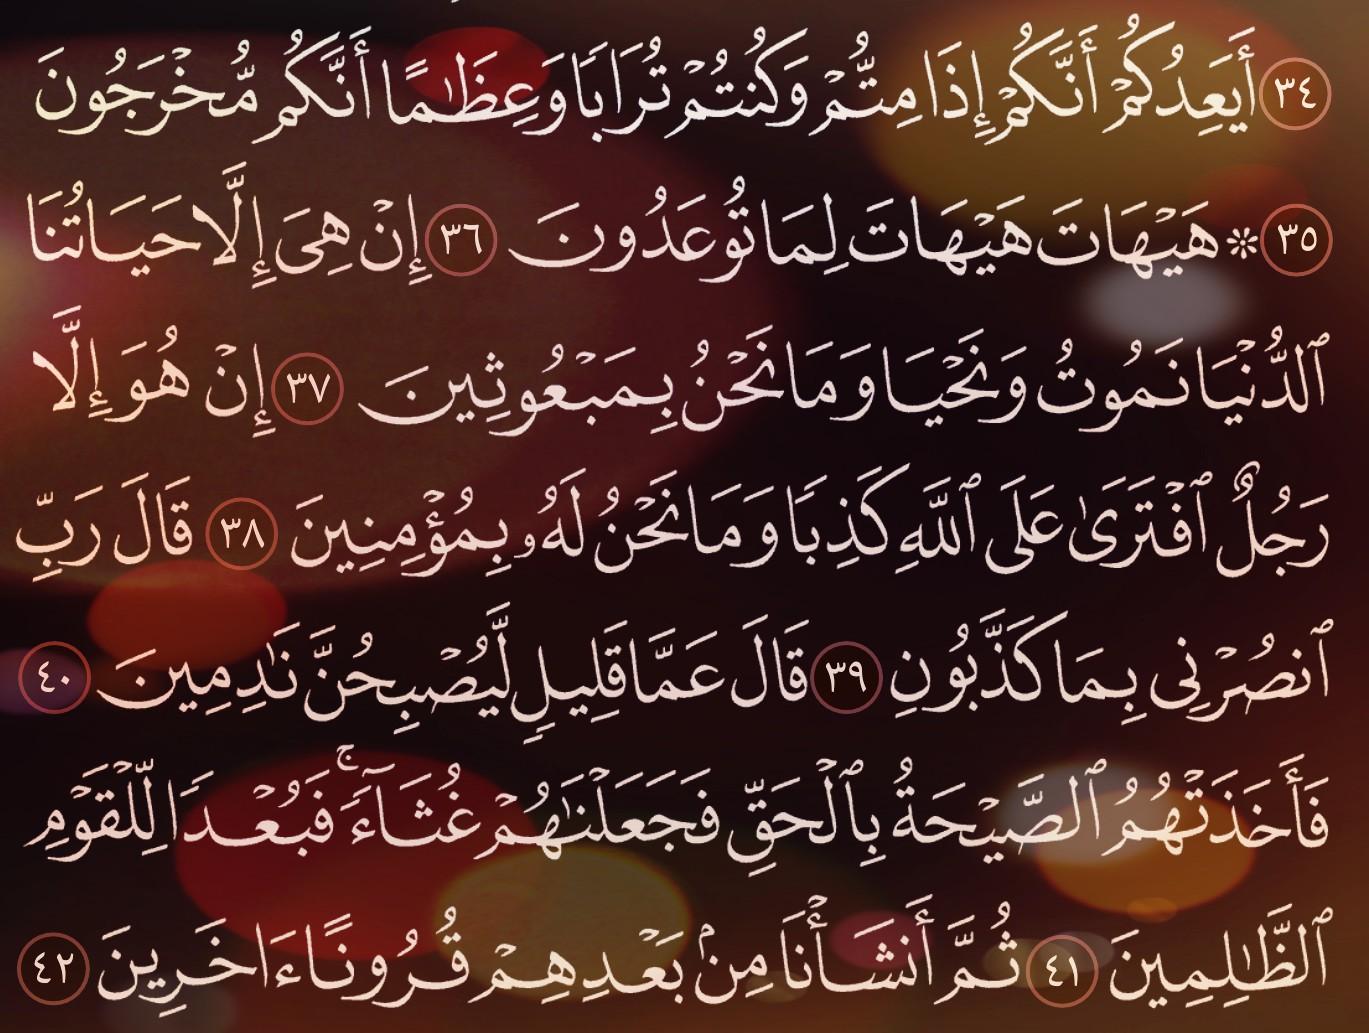 شرح وتفسير سورة المؤمنون Surah Al-Mu'minun ( من الآية 34 إلى الاية 17 )